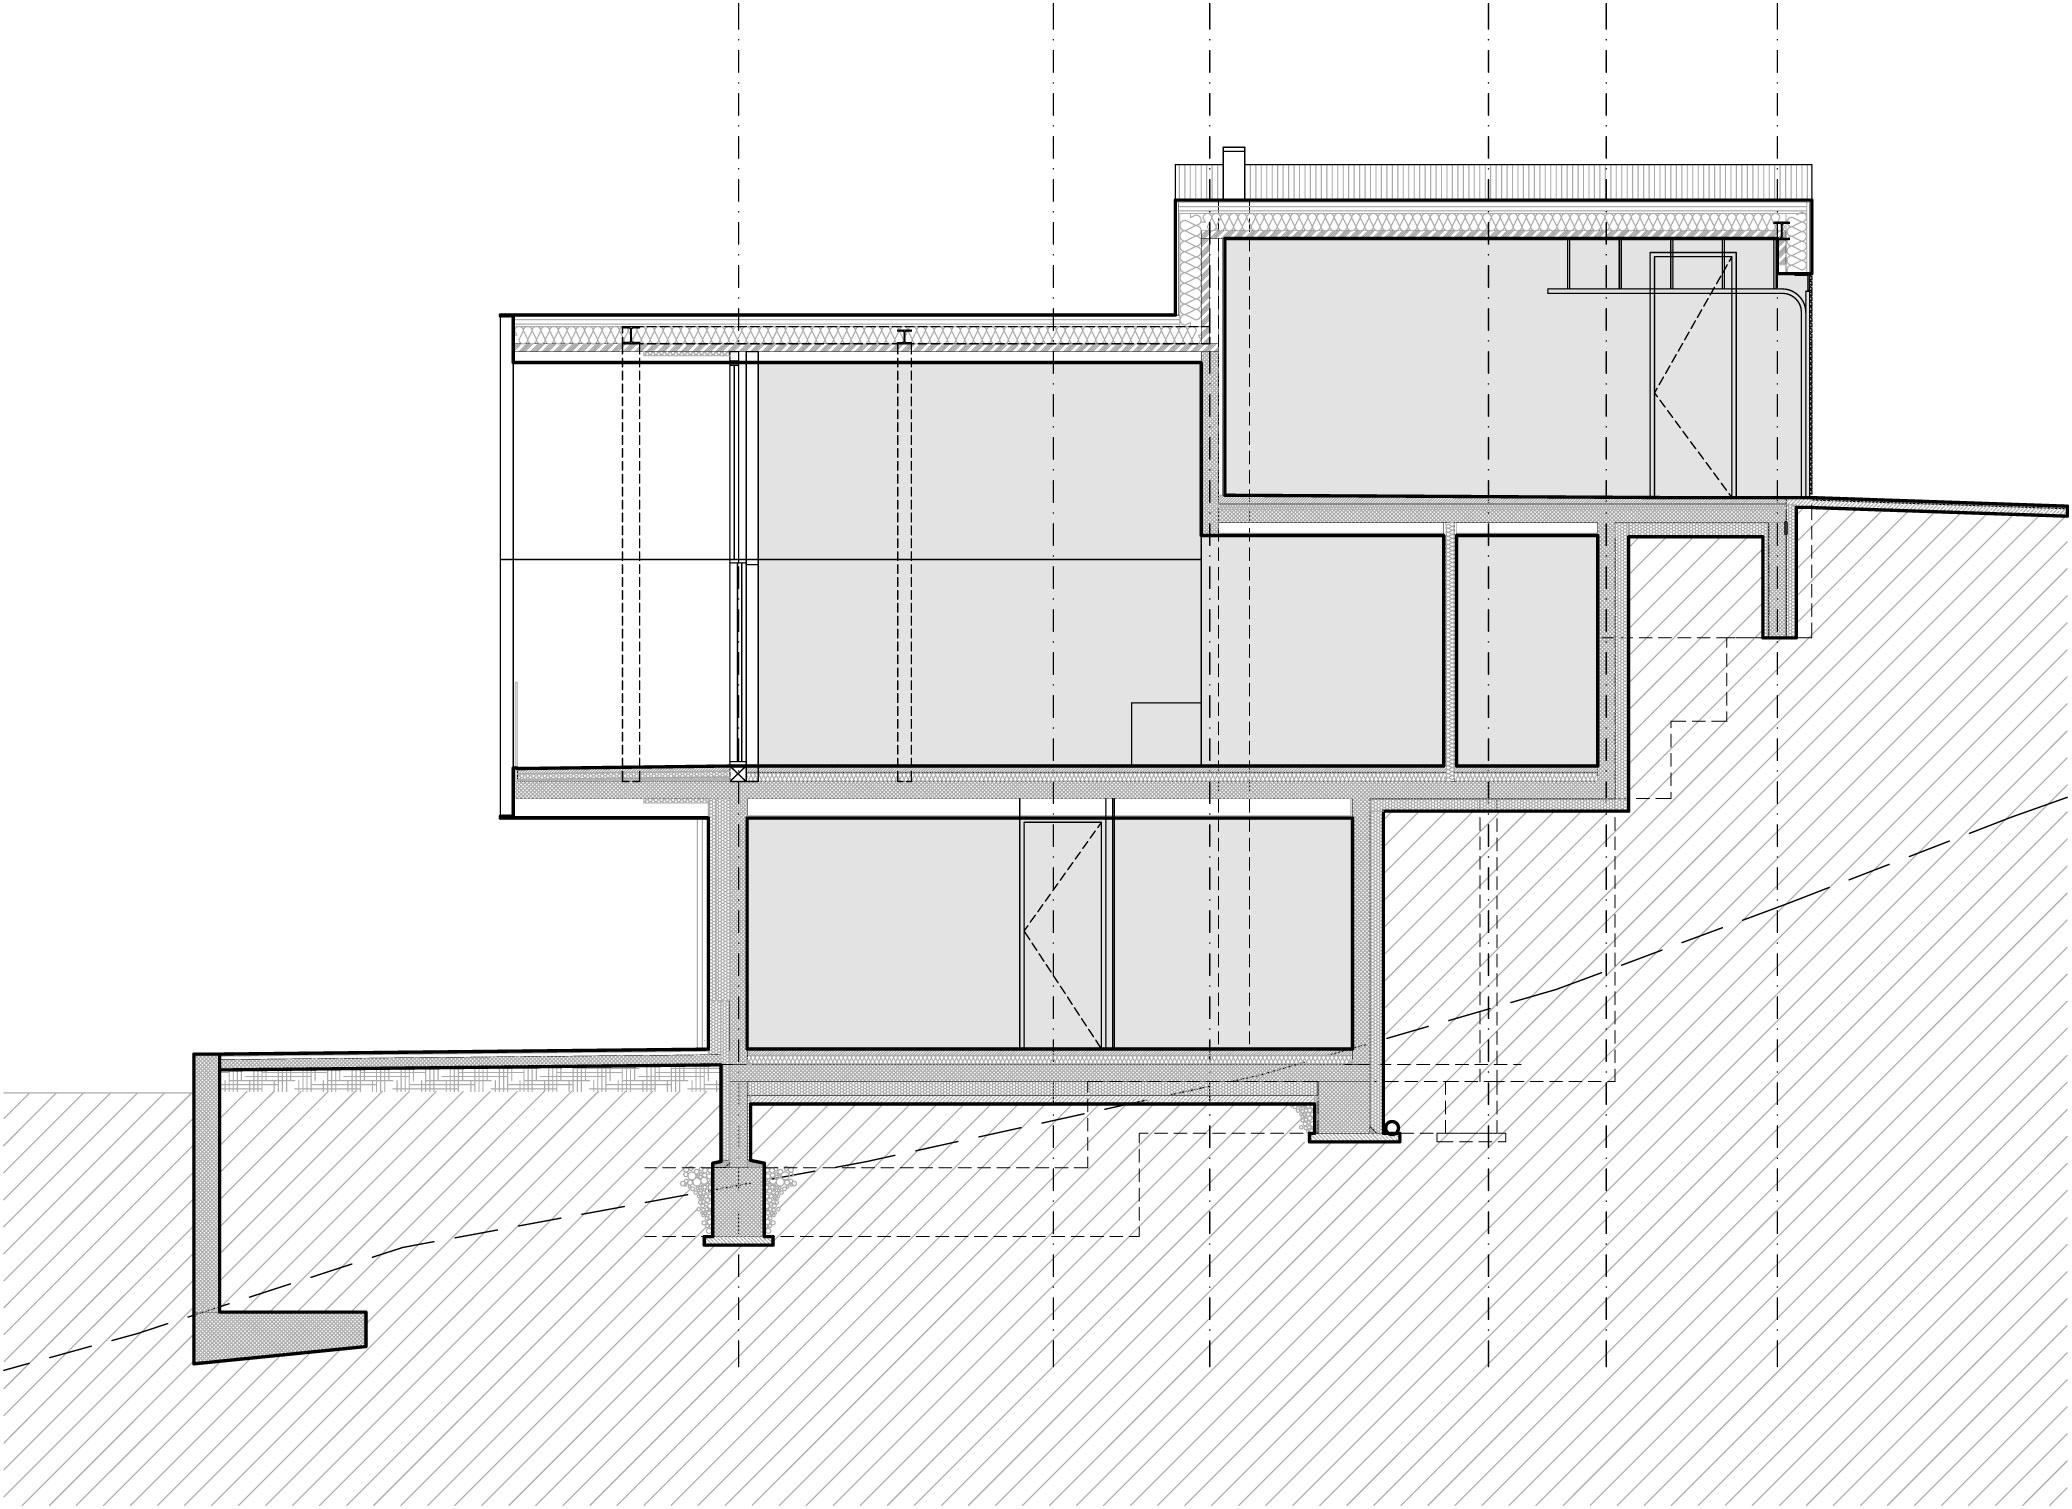 Kitzbuehel Mountain View House by SoNo arhitekti-18